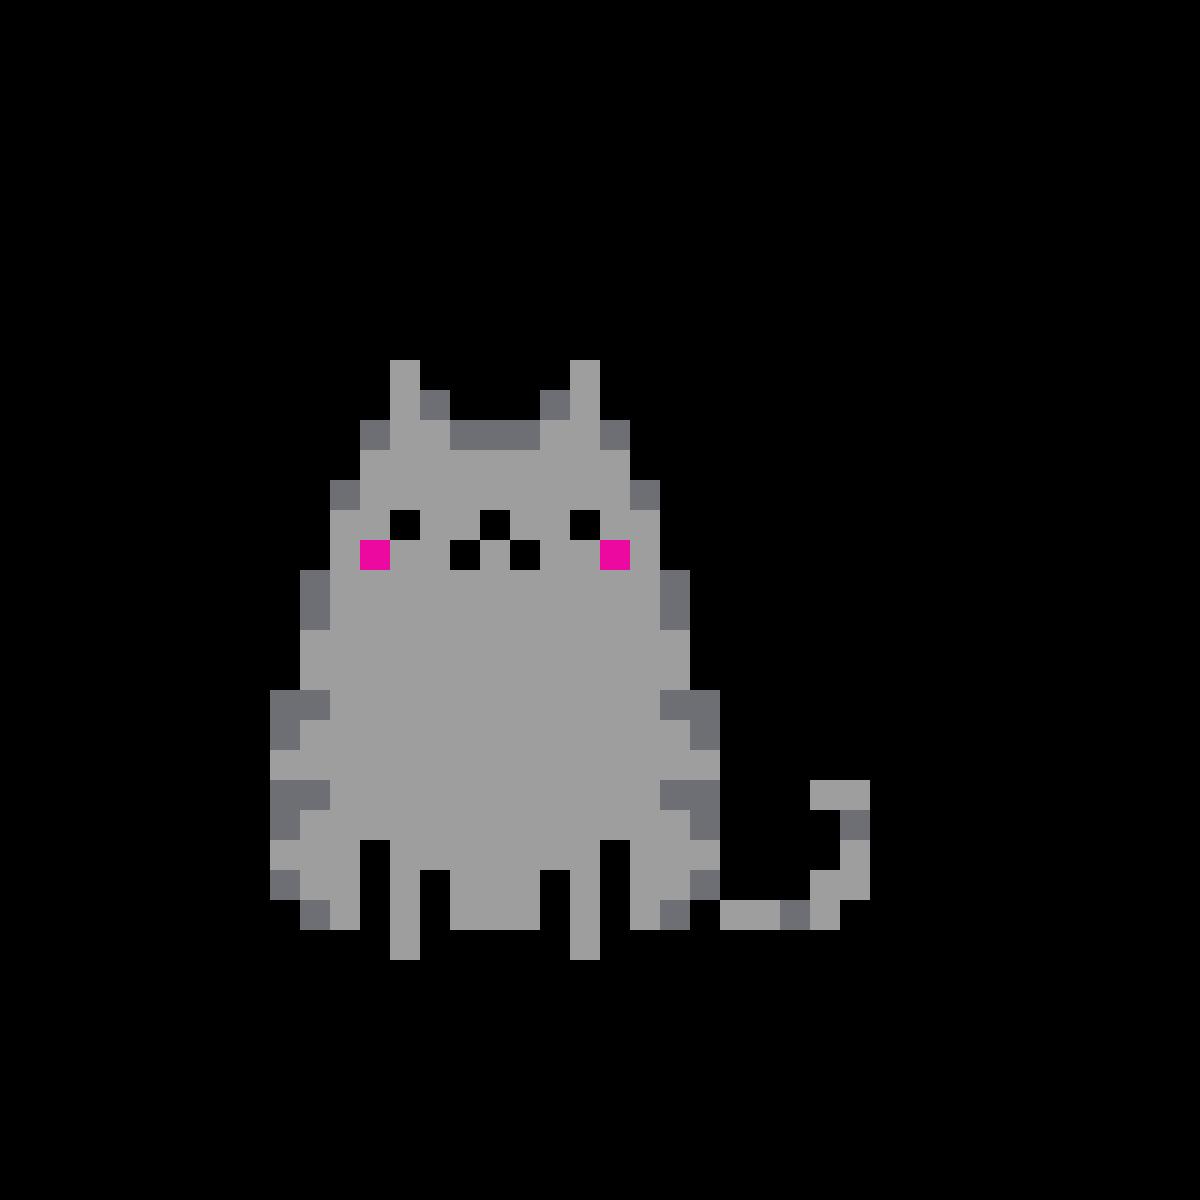 картинки по клеточкам котик пушин этих